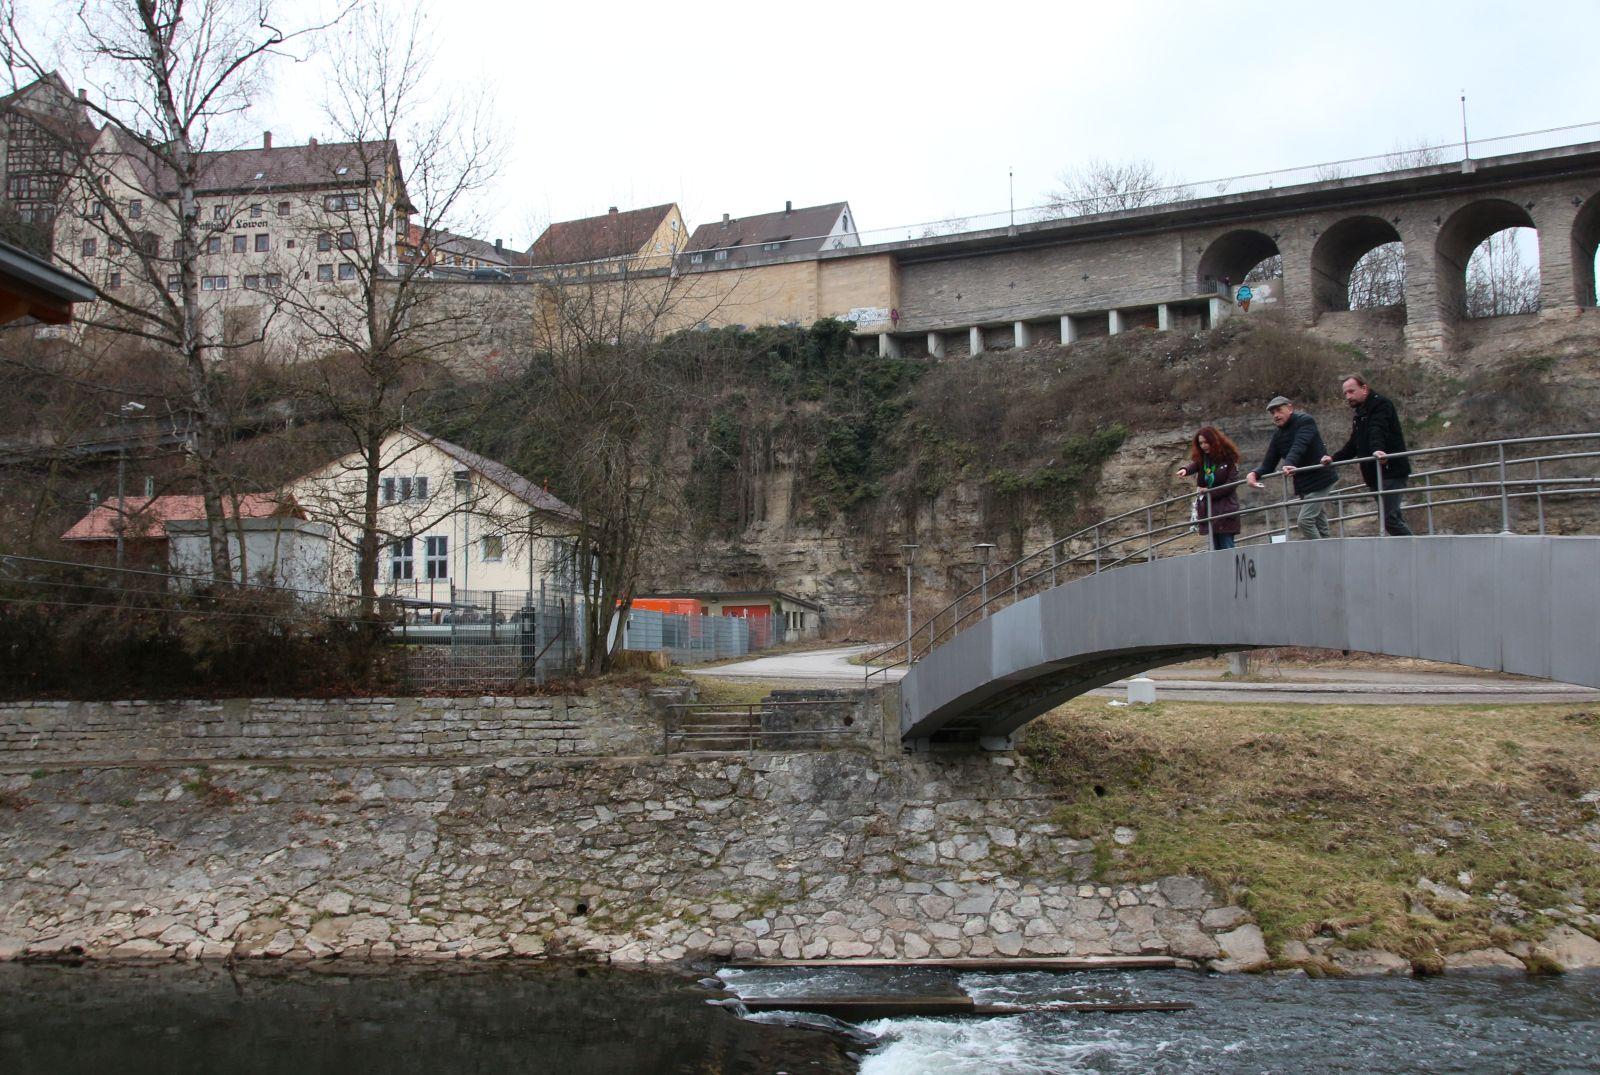 Auf der Brücke (von links): Sonja Rajsp (Grüne Landtagskandidatin), Frank Sucker (Grüner Stadtrat RW) und Sascha Büttner vom Deißlinger Angelverein. Foto: pm